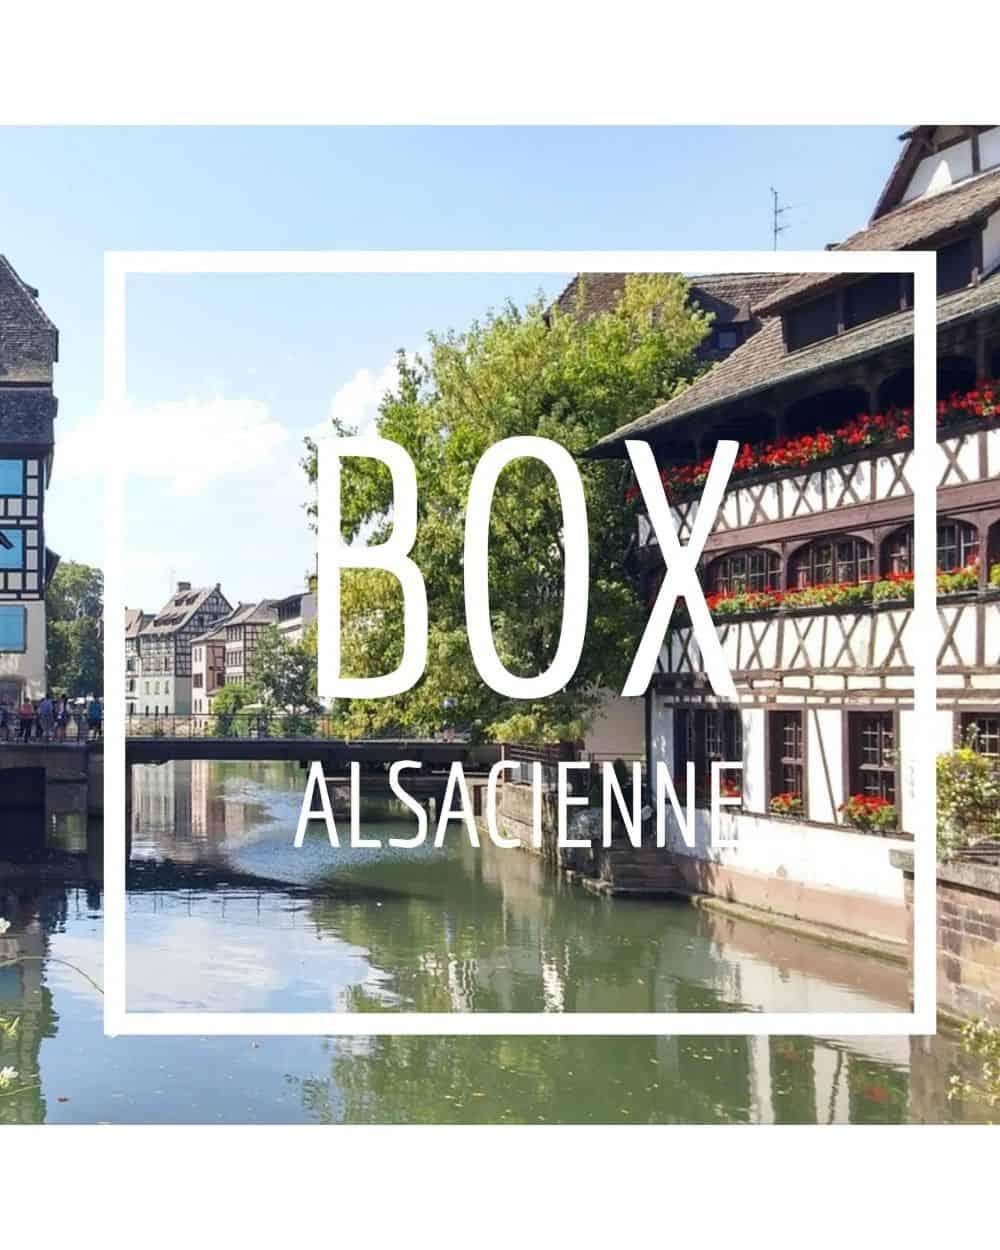 Box Alsacienne